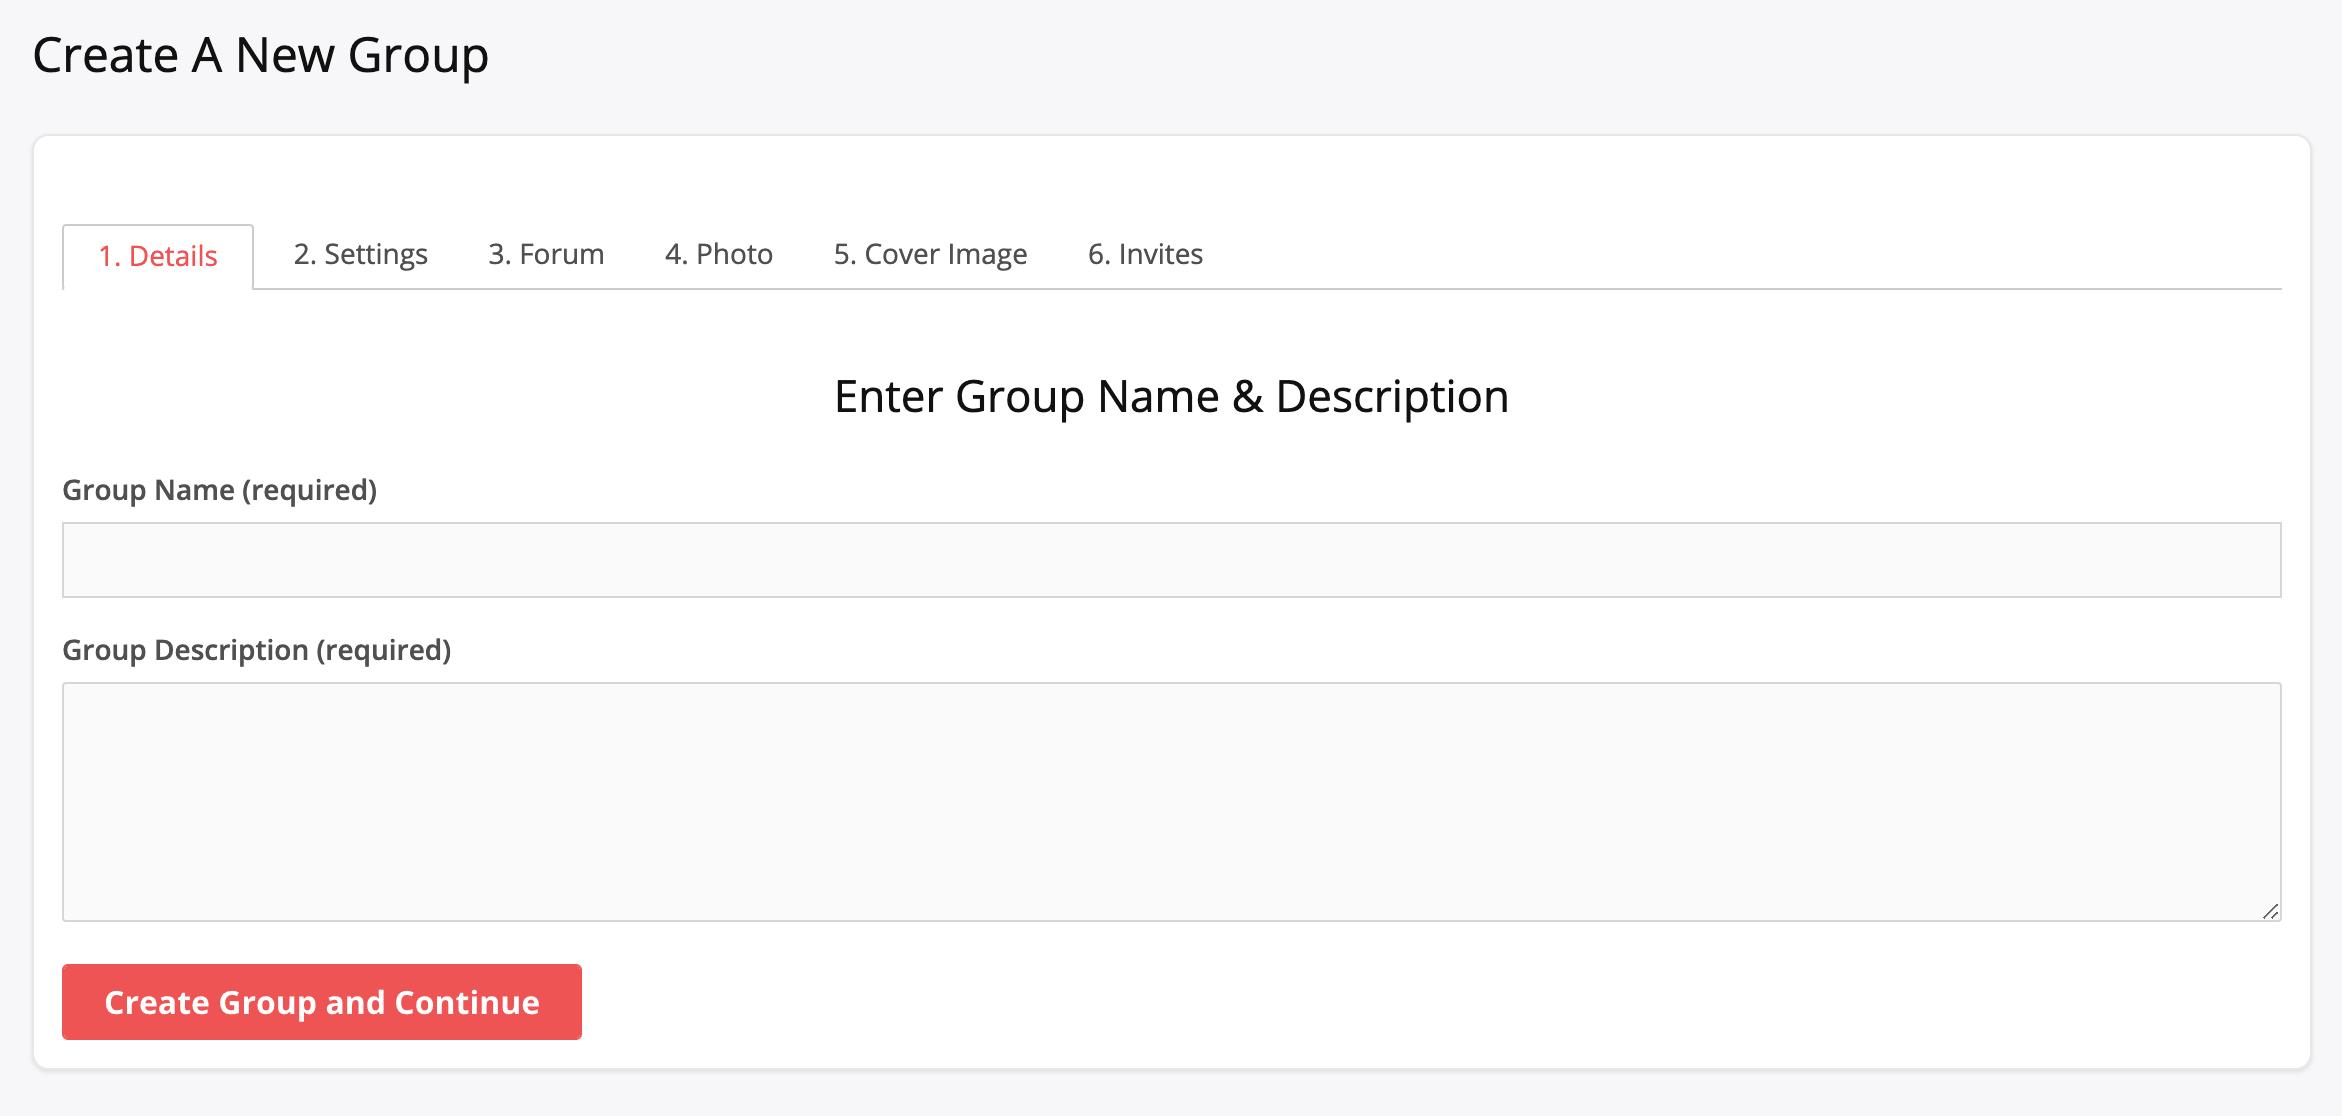 BuddyPress Group Creation Page